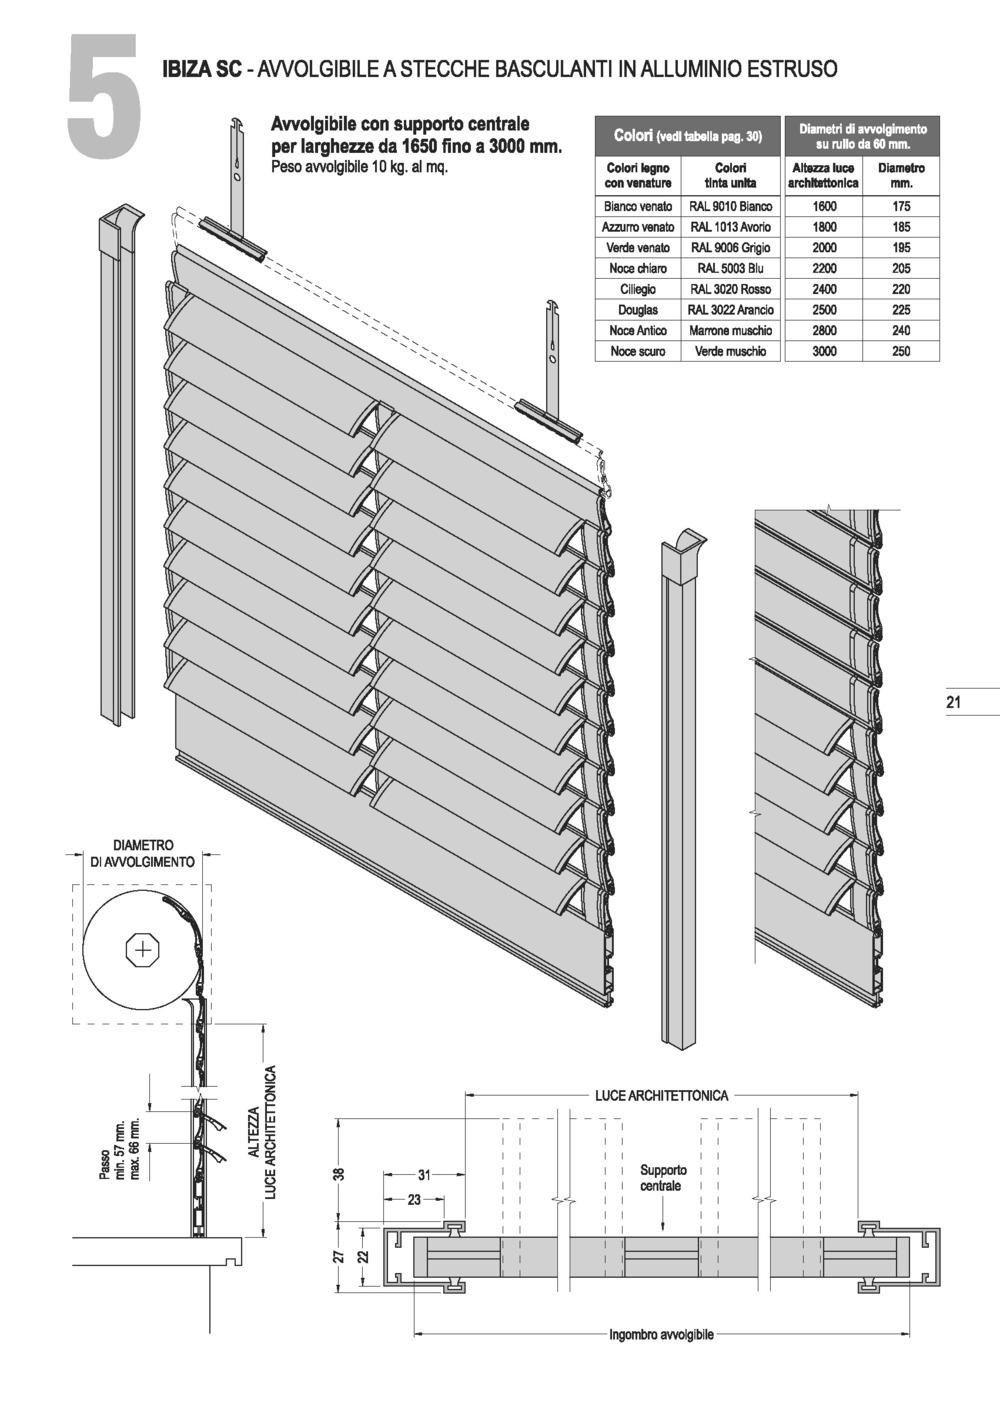 CATALOGO EXTRA_Pagina_21.jpg